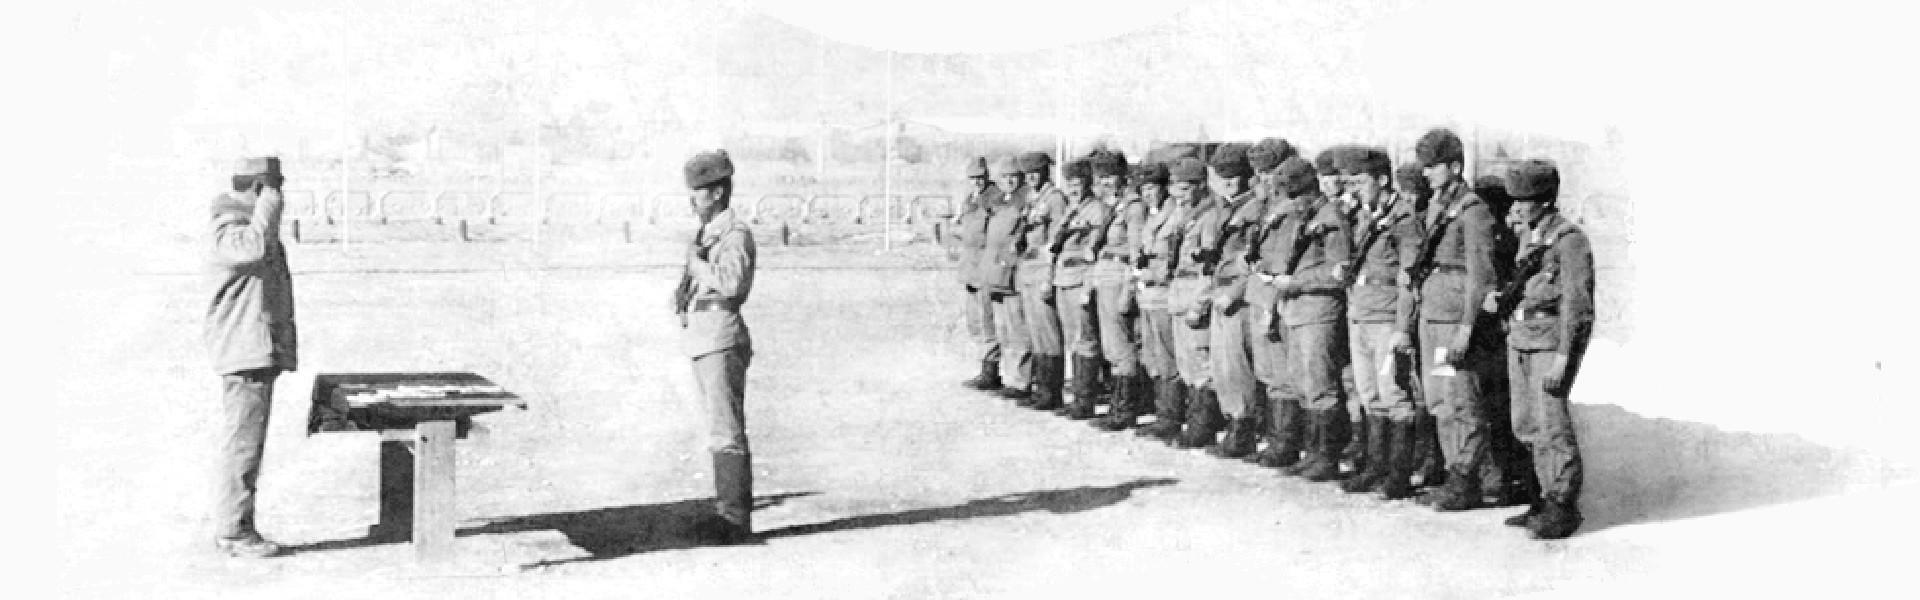 Tous les parachutistes ont été décorés de l'Ordre du Drapeau rouge et de l'Ordre de la Croix rouge. Deux soldats ont été récompensés à titre posthume de l'Étoile d'or de Héros de l'Union soviétique.